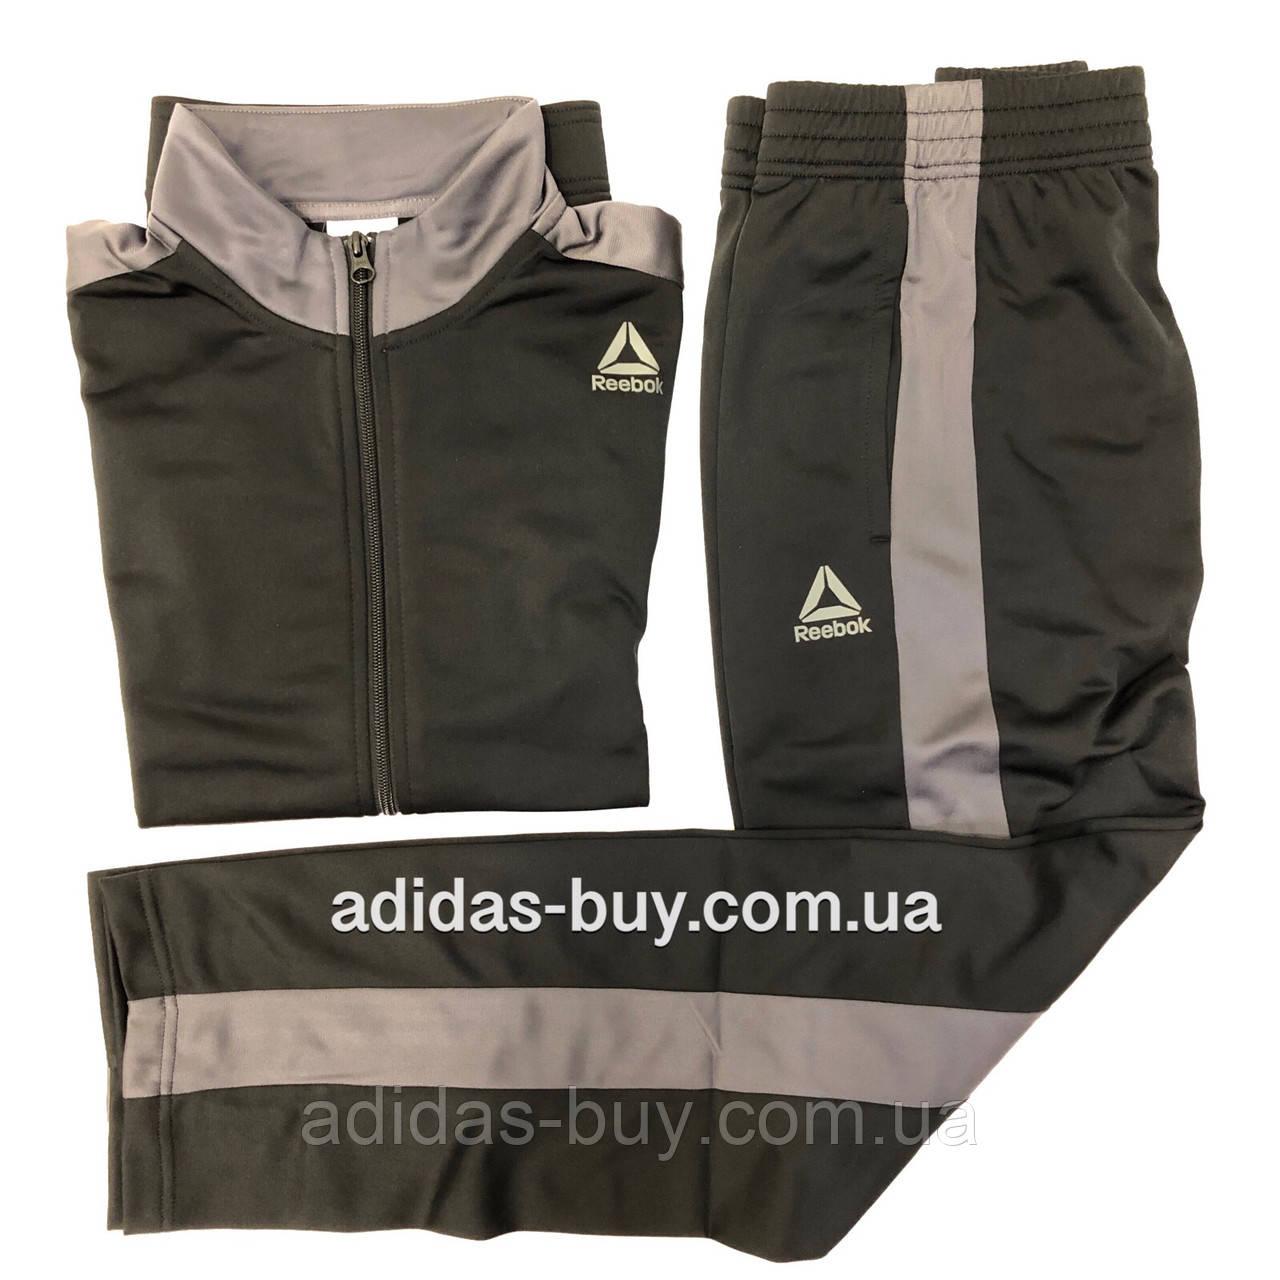 e32cdfafa Спортивный костюм мужской оригинальный Reebok Te Tricot Tracksuit D94276  цвет: черный/серый - ORIGINAL